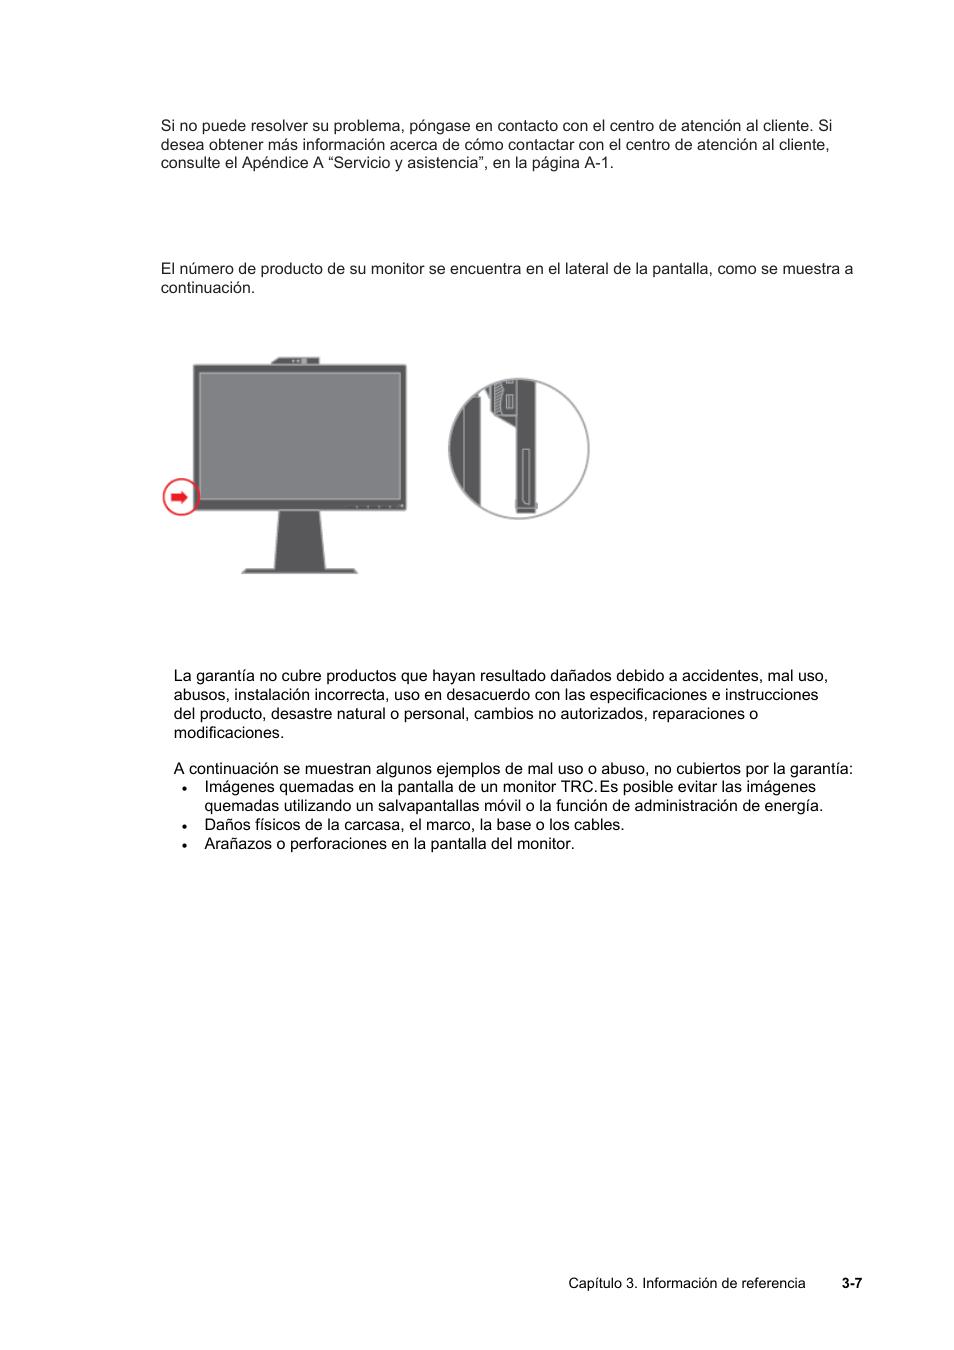 obtener m s ayuda informaci n de reparaci n n meros de producto rh pdfmanuales com ThinkVision Lenovo 4431-Hb2 ThinkVision Lenovo 4431-Hb2